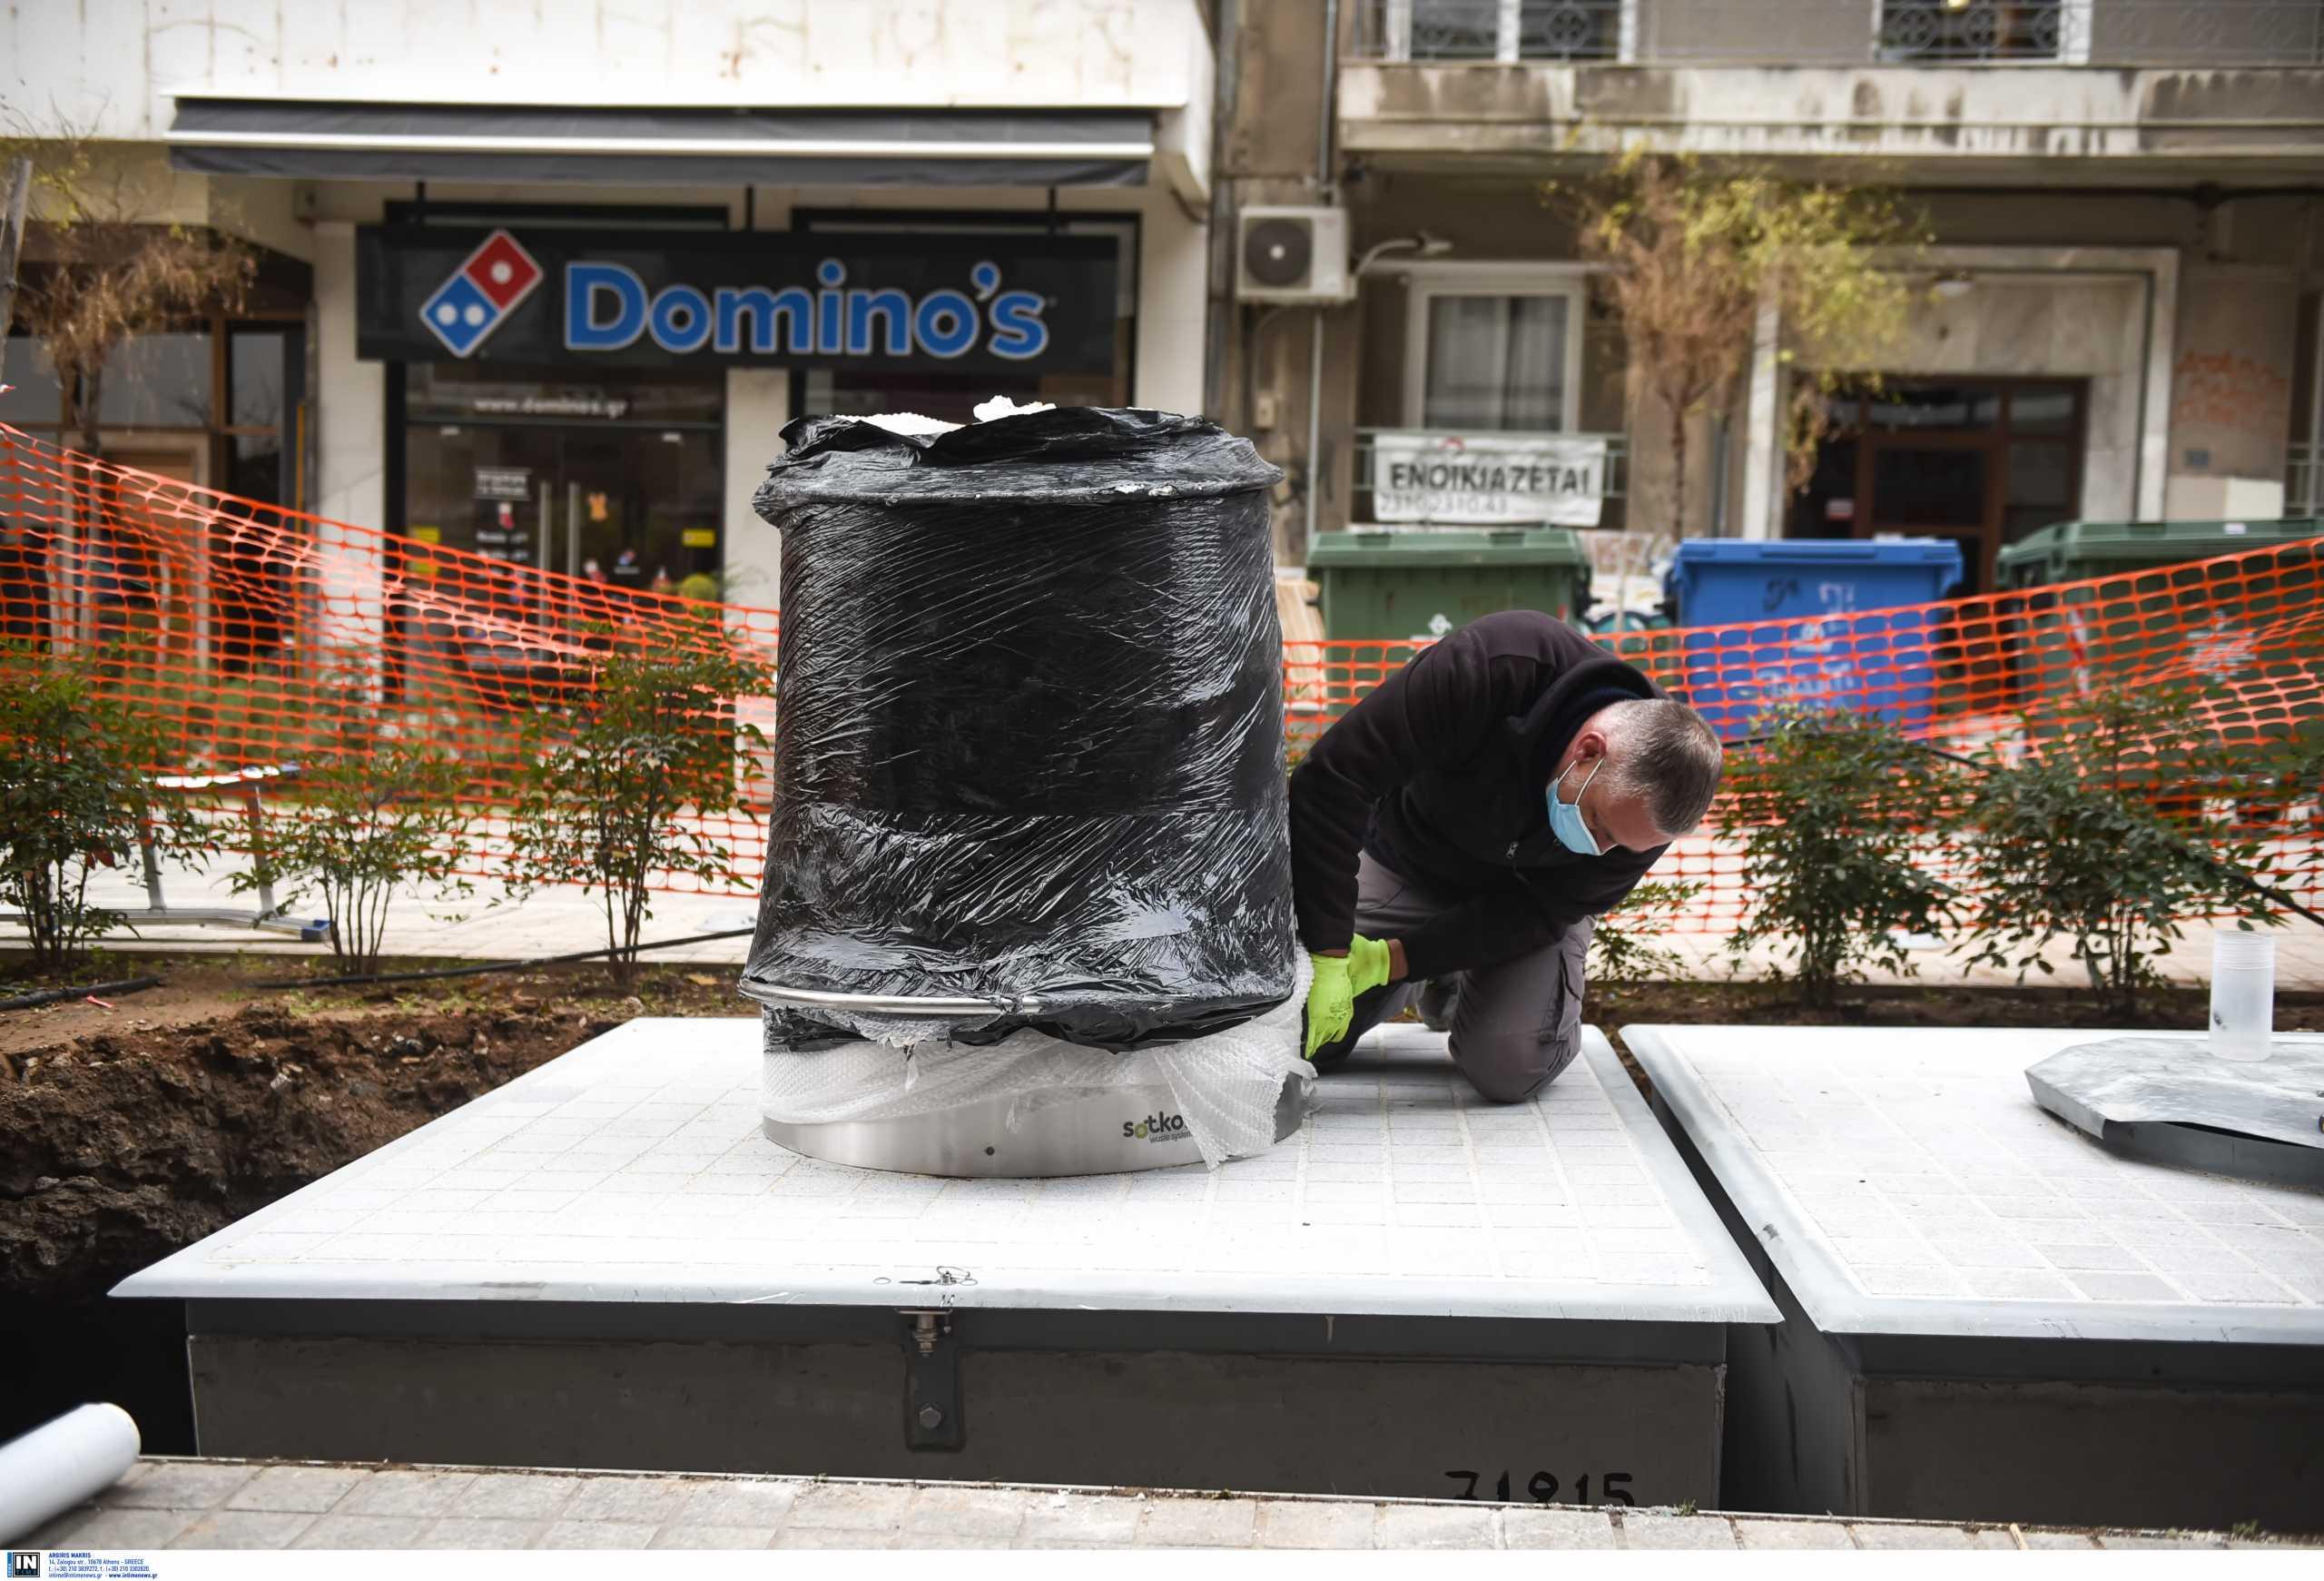 Θεσσαλονίκη: Έβαψαν με σπρέι τους υπόγειους κάδους σκουπιδιών που τοποθετήθηκαν πριν λίγες μέρες